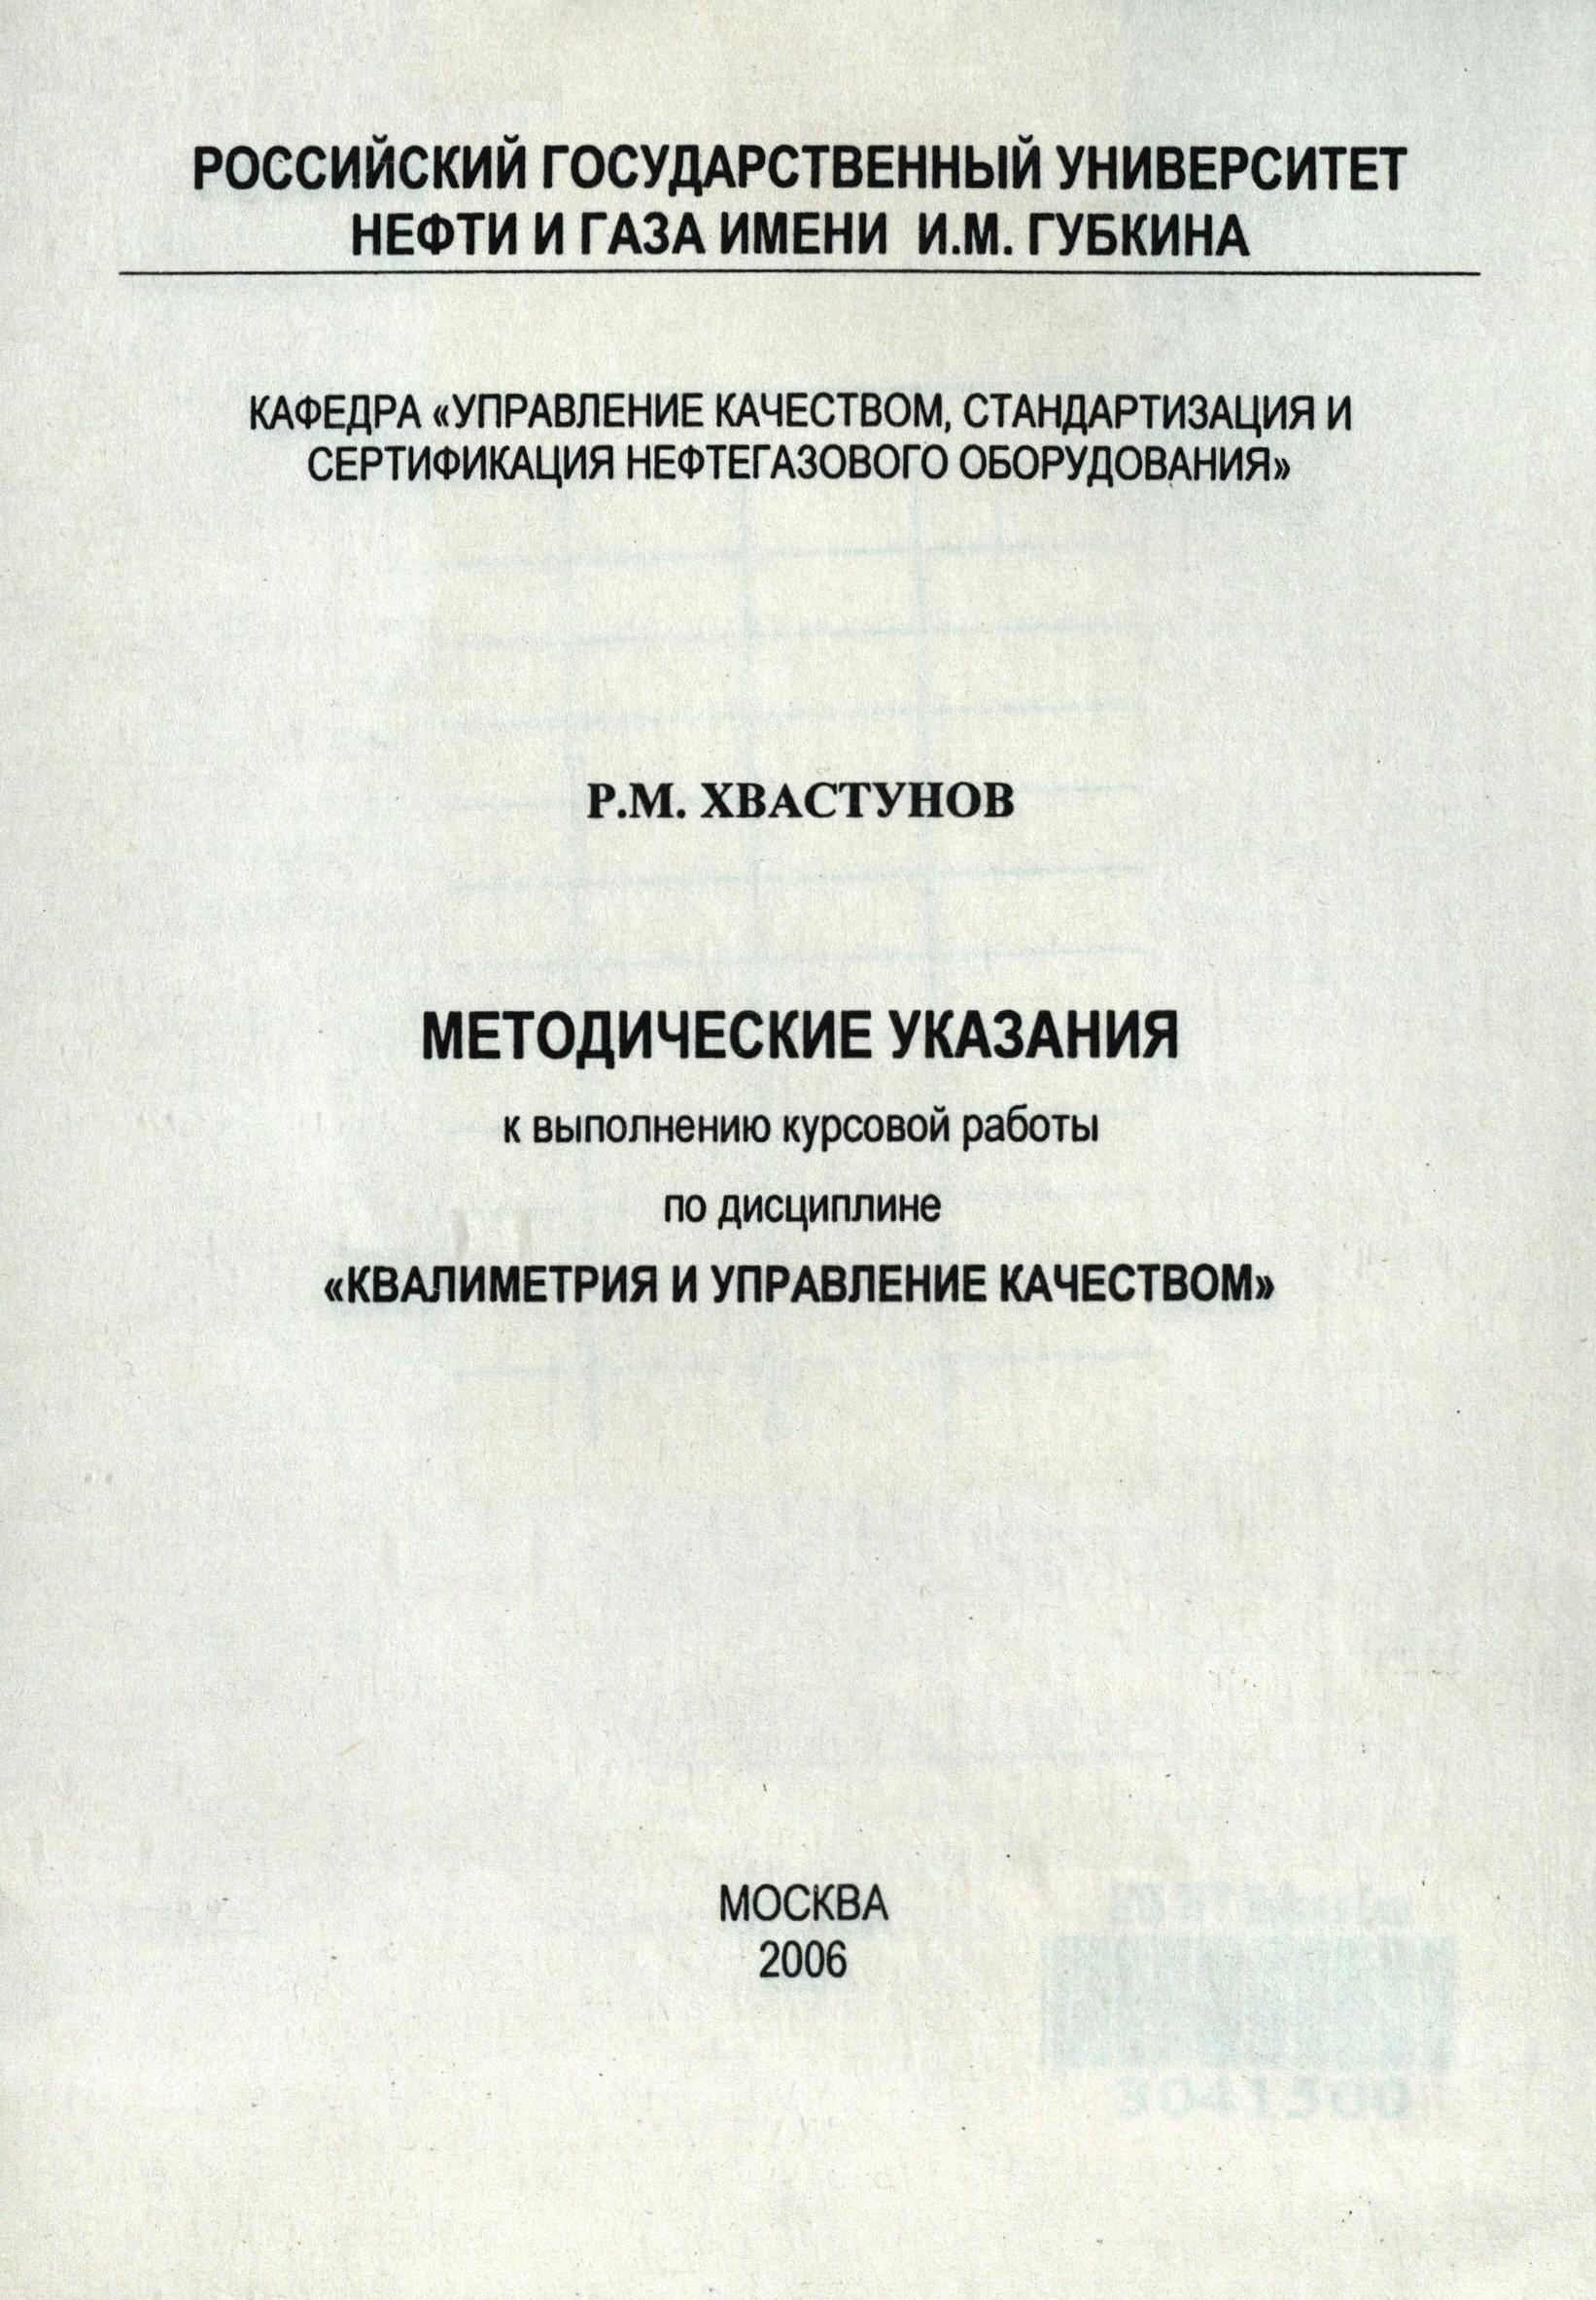 Методические указания к выполнению курсовой работы по дисциплине 4344